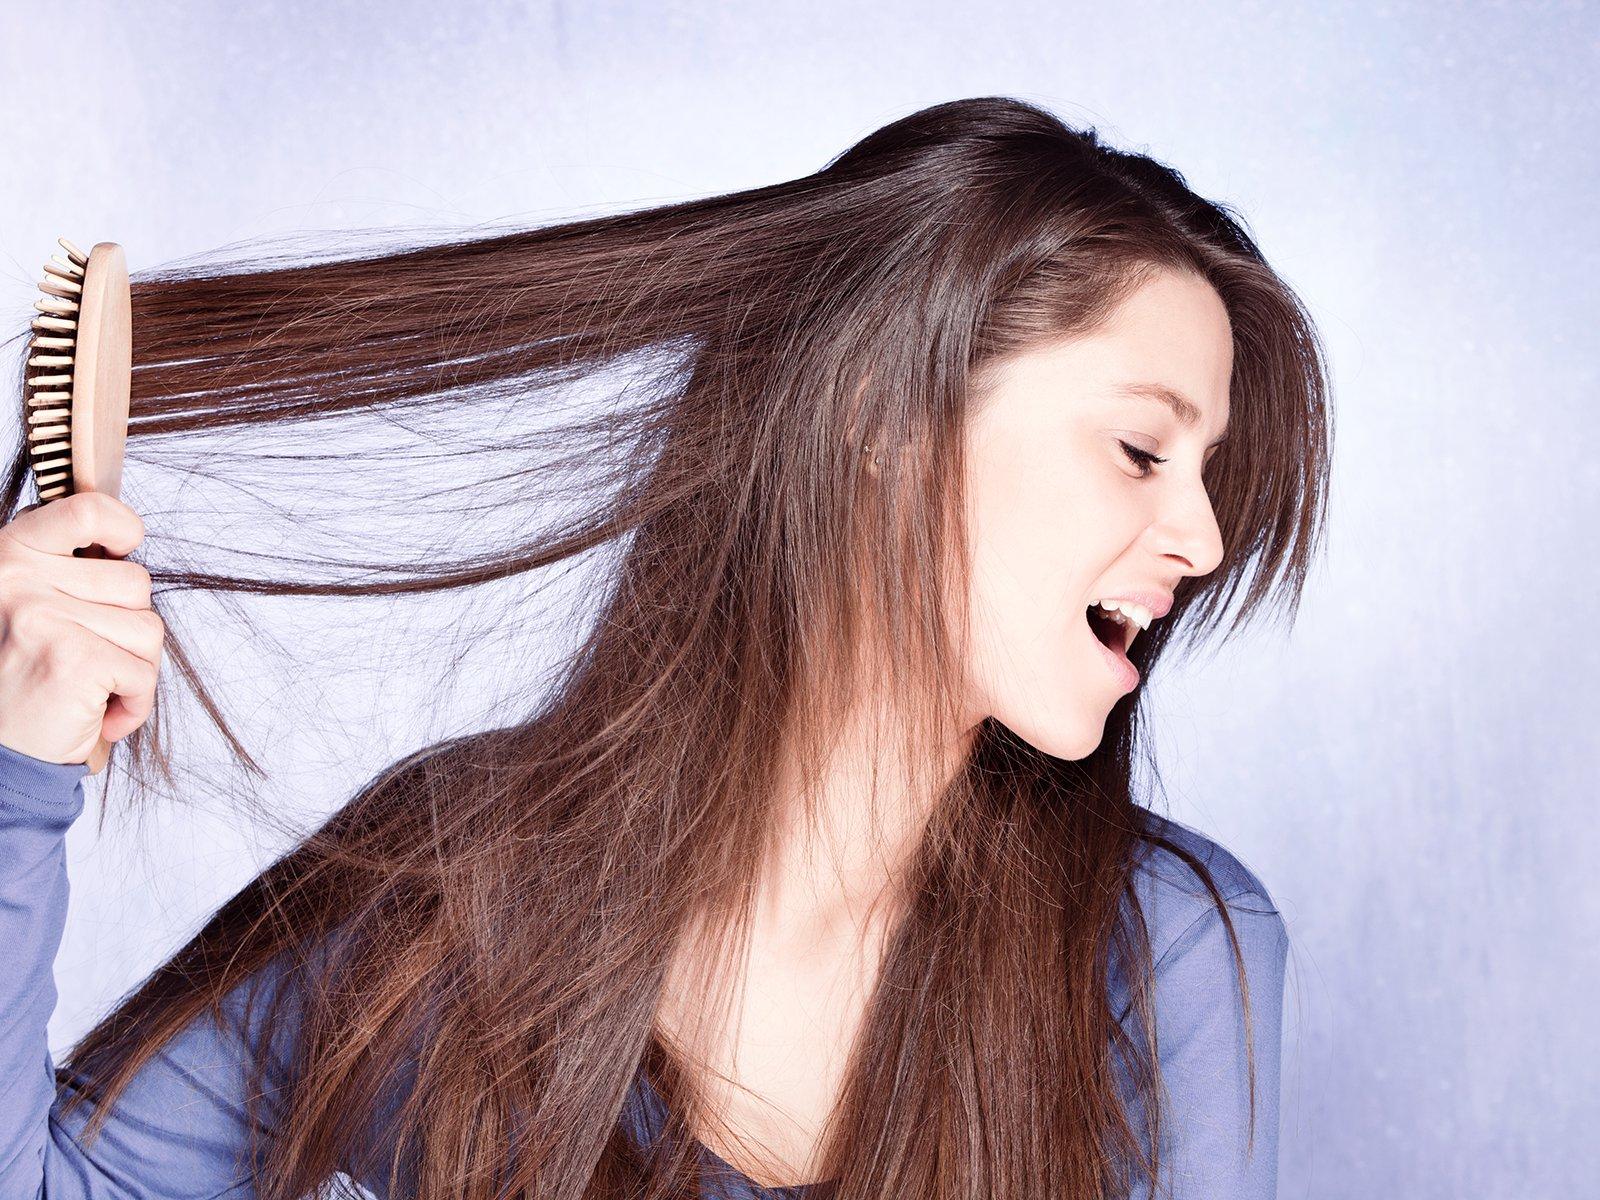 Stumpfe Haare Ursachen Tipps Und Hausmittel Haarpflege